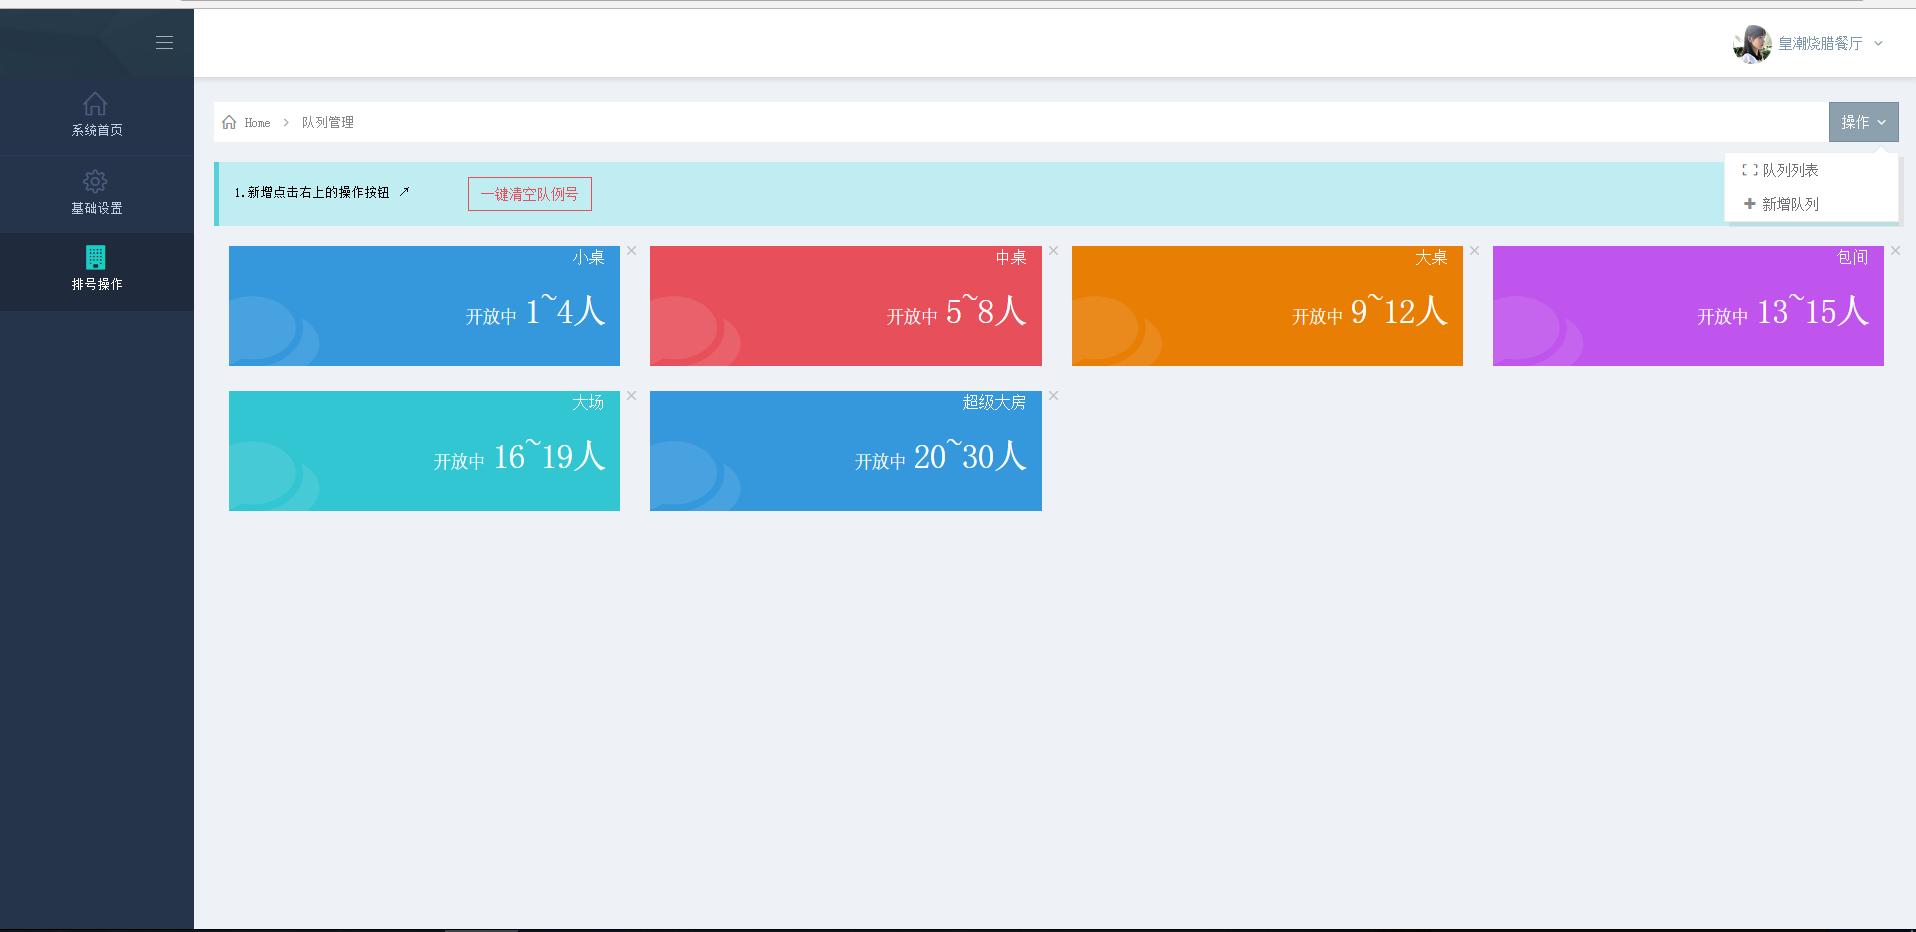 餐厅排号v1.1.8开源公众号源码 公众号源码 微擎 微赞 微信公众号 第4张